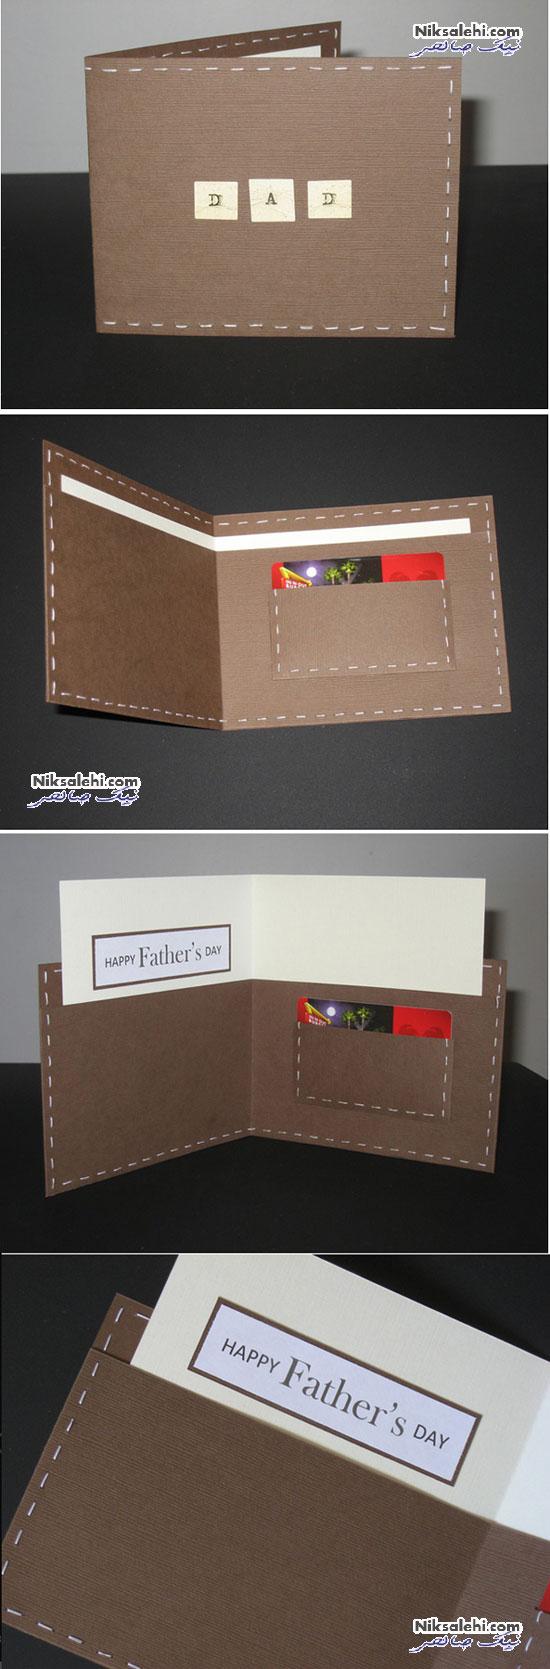 کارت پستال های بسیار زیبای دست ساز برای روزپدر